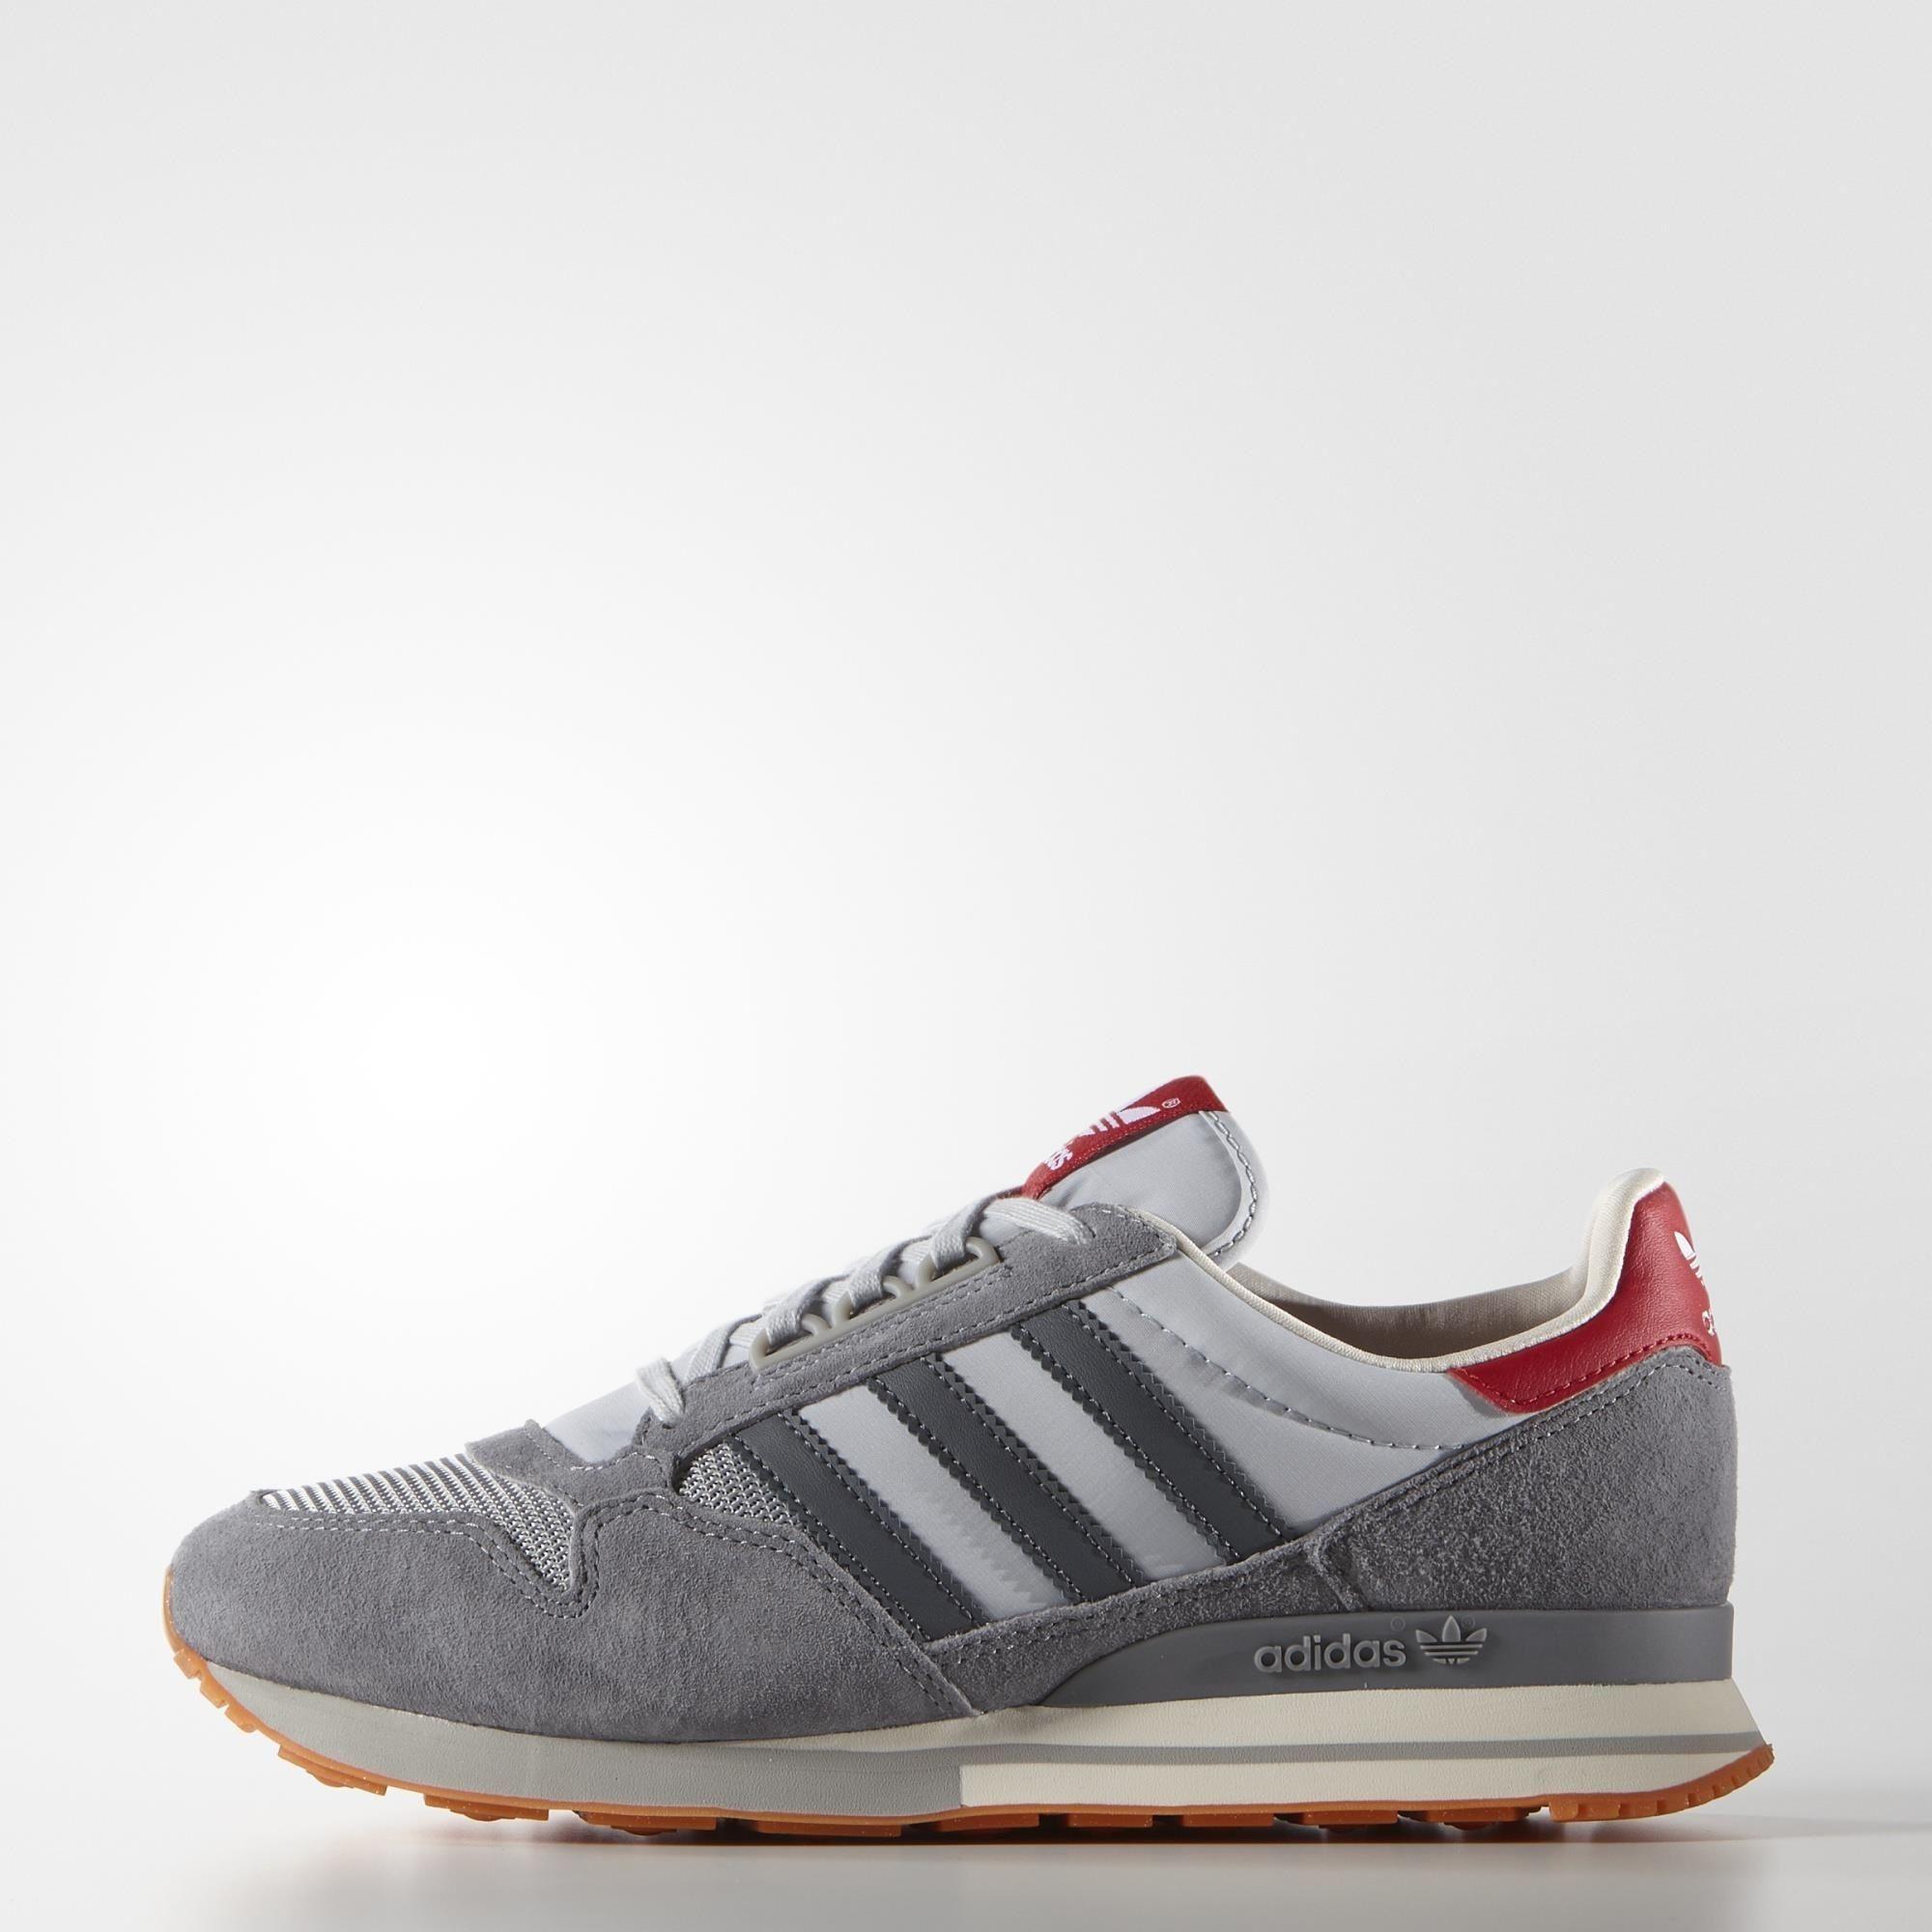 74483eca5 Discover ideas about Adidas Zx. Get the x Neighbourhood ZX 500 OG ...